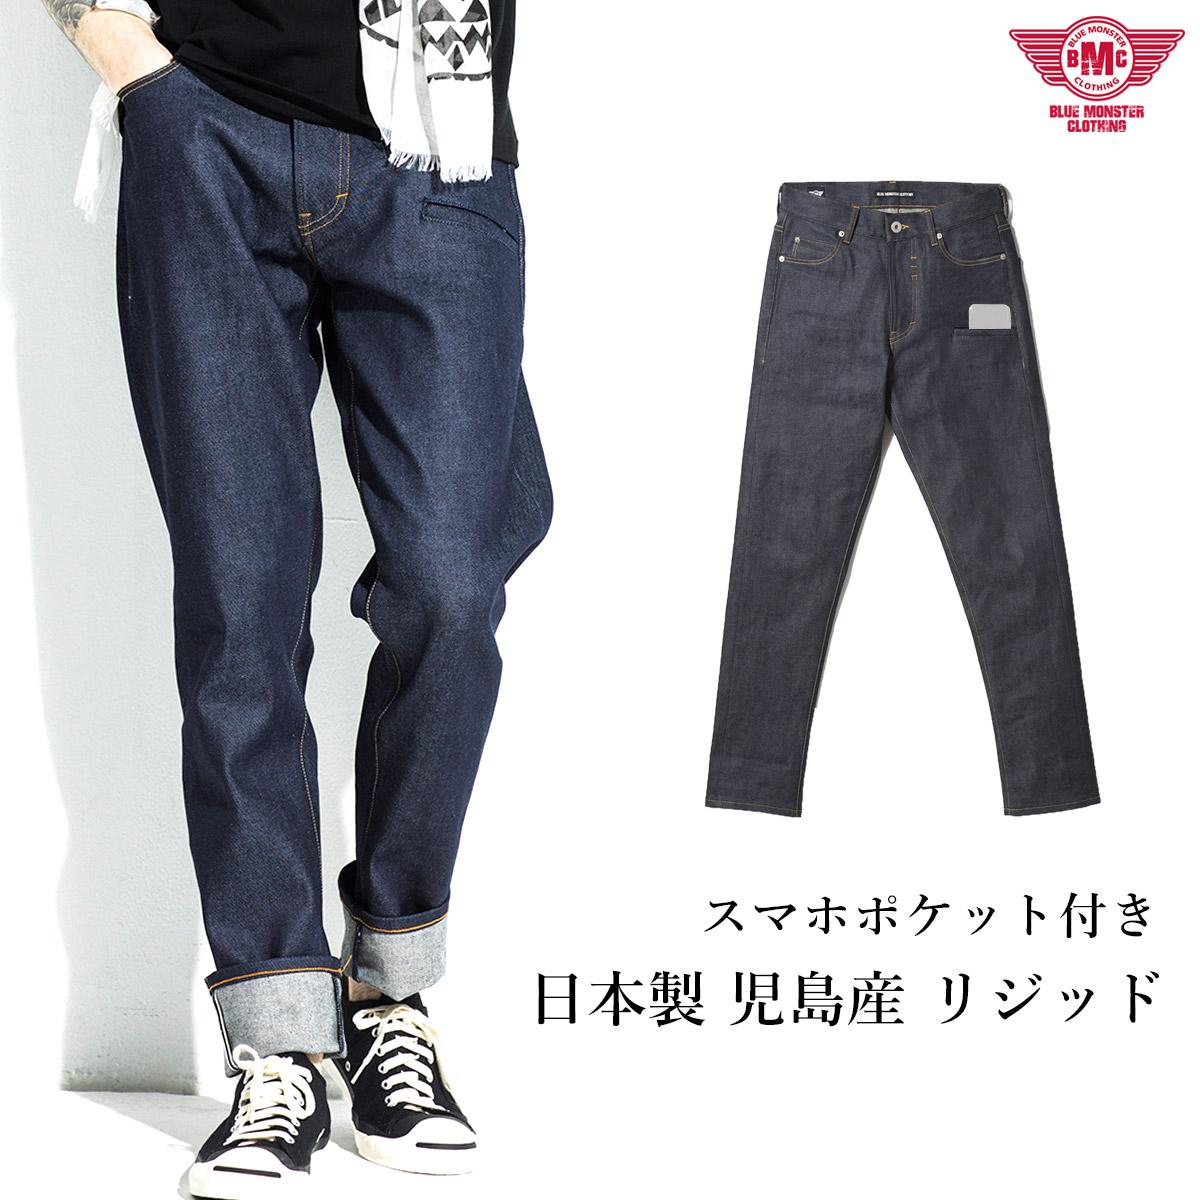 日本製児島産 スマホ専用ポケット付き リジッドジーンズ